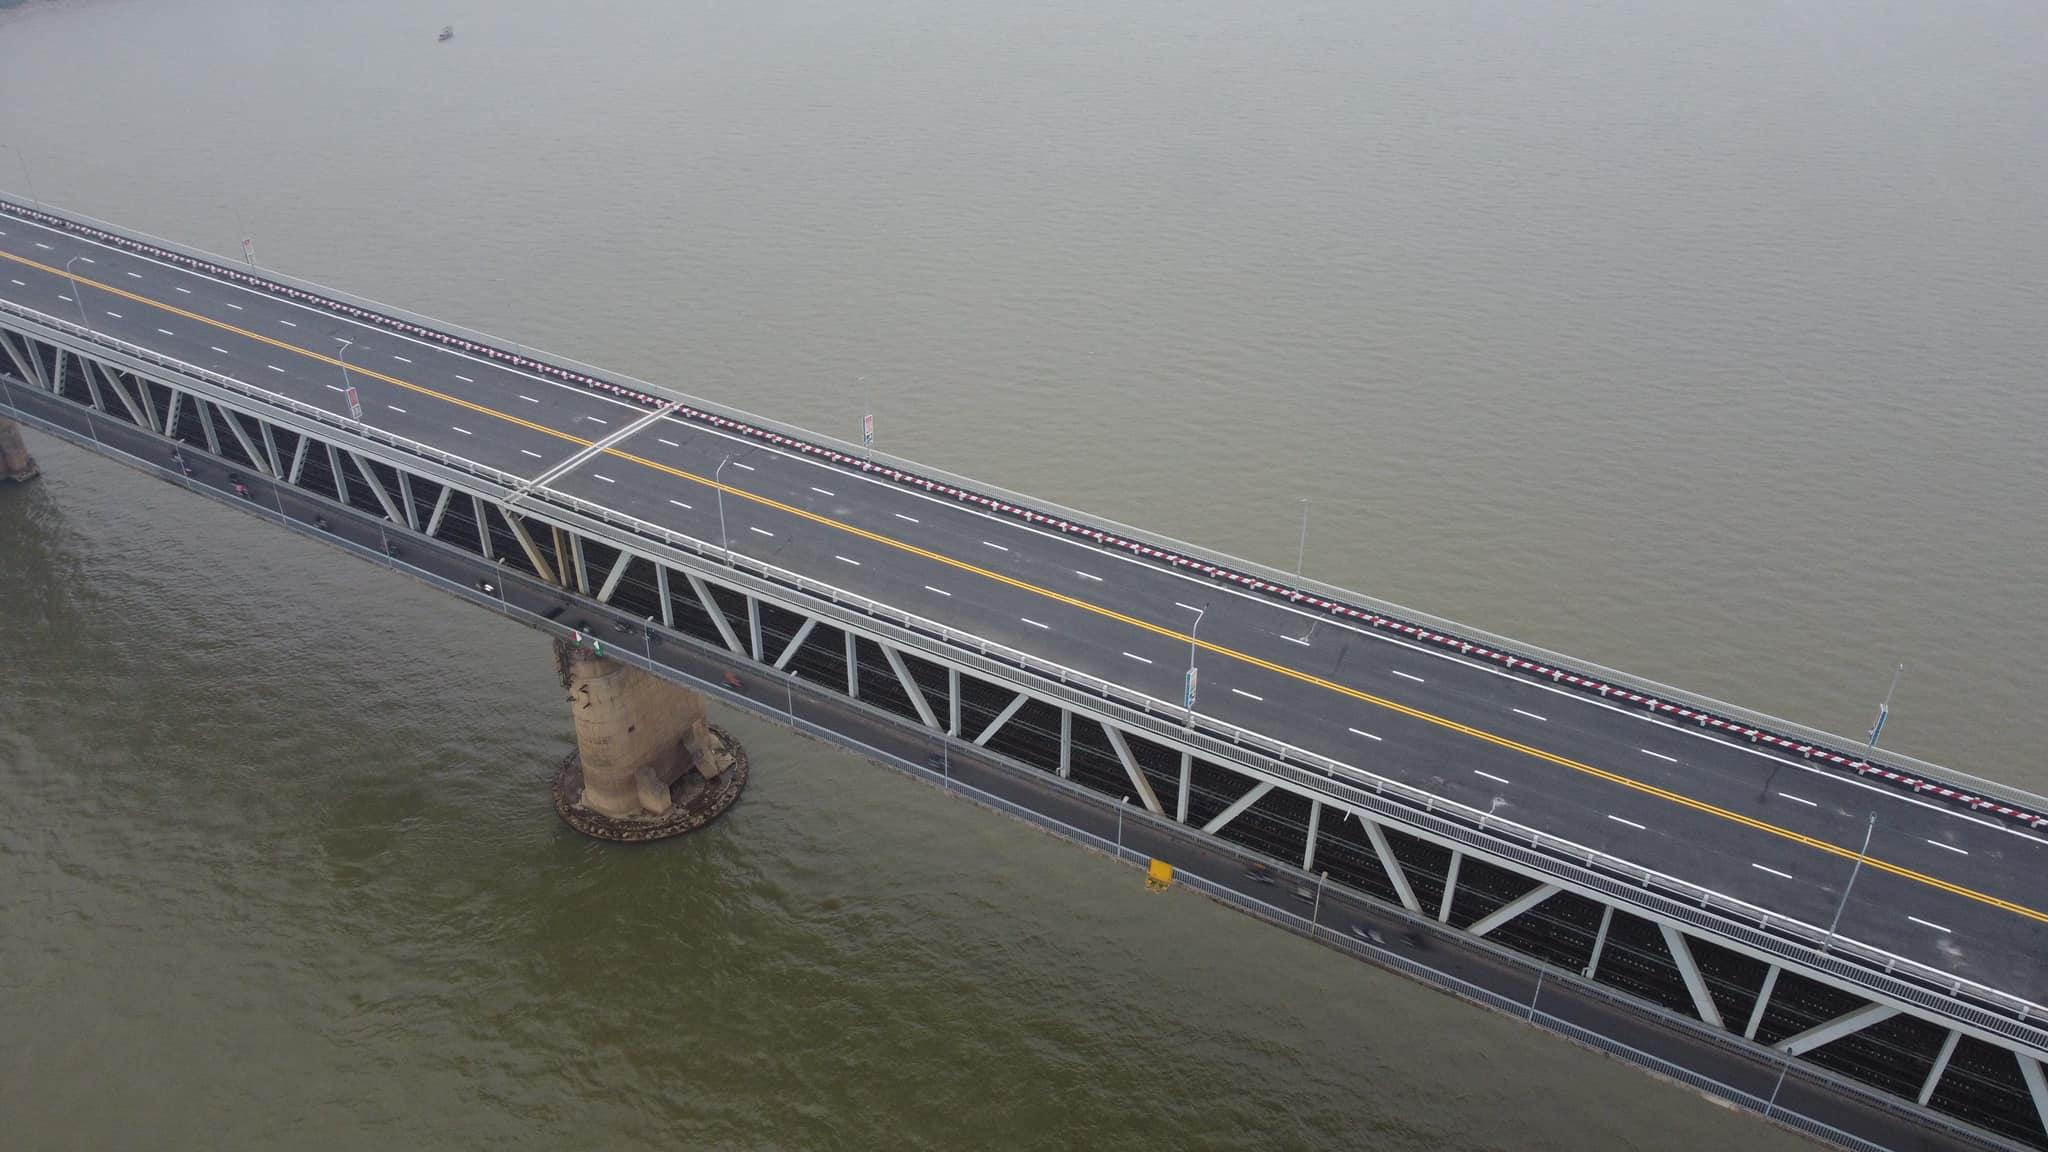 """Cây cầu 2 tầng độc nhất trên sông Hồng chính thức thông xe sau cuộc """"đại phẫu"""" - 7"""